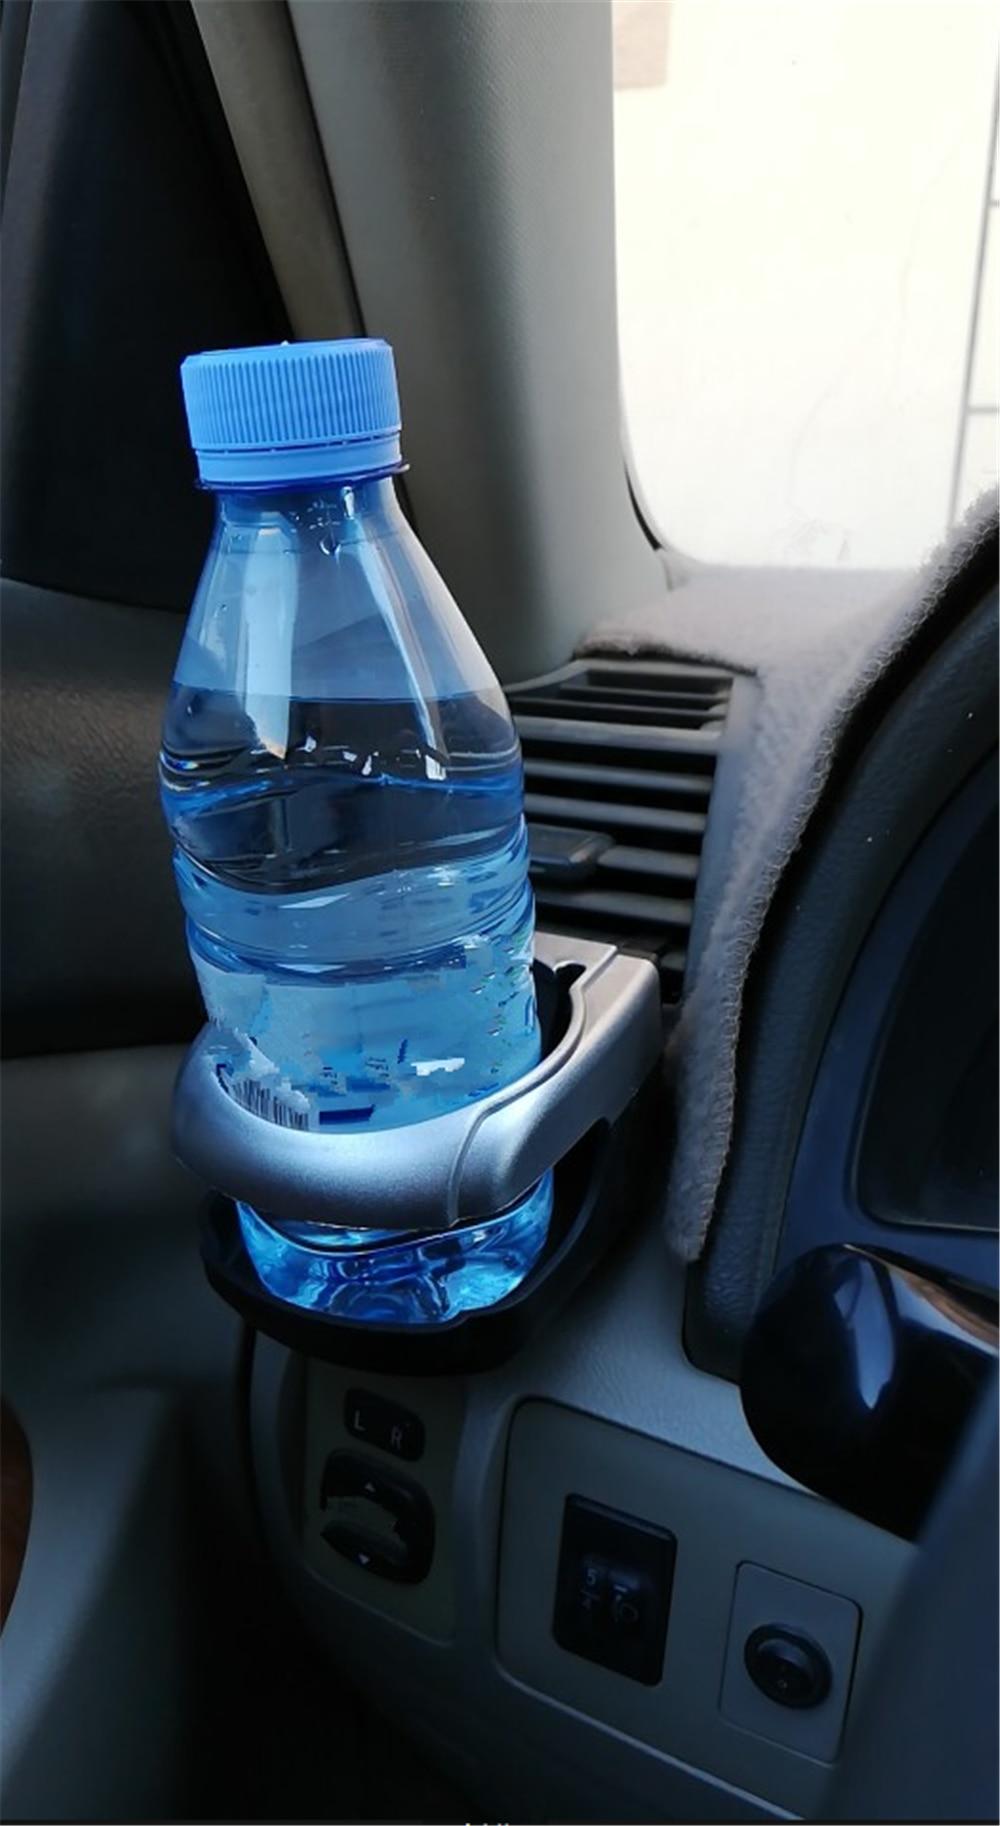 Support de boisson de climatisation de voiture support de bouteille d'eau support de verre pour Opel Astra g/gtc/j/h Corsa Antara Meriva Zafira